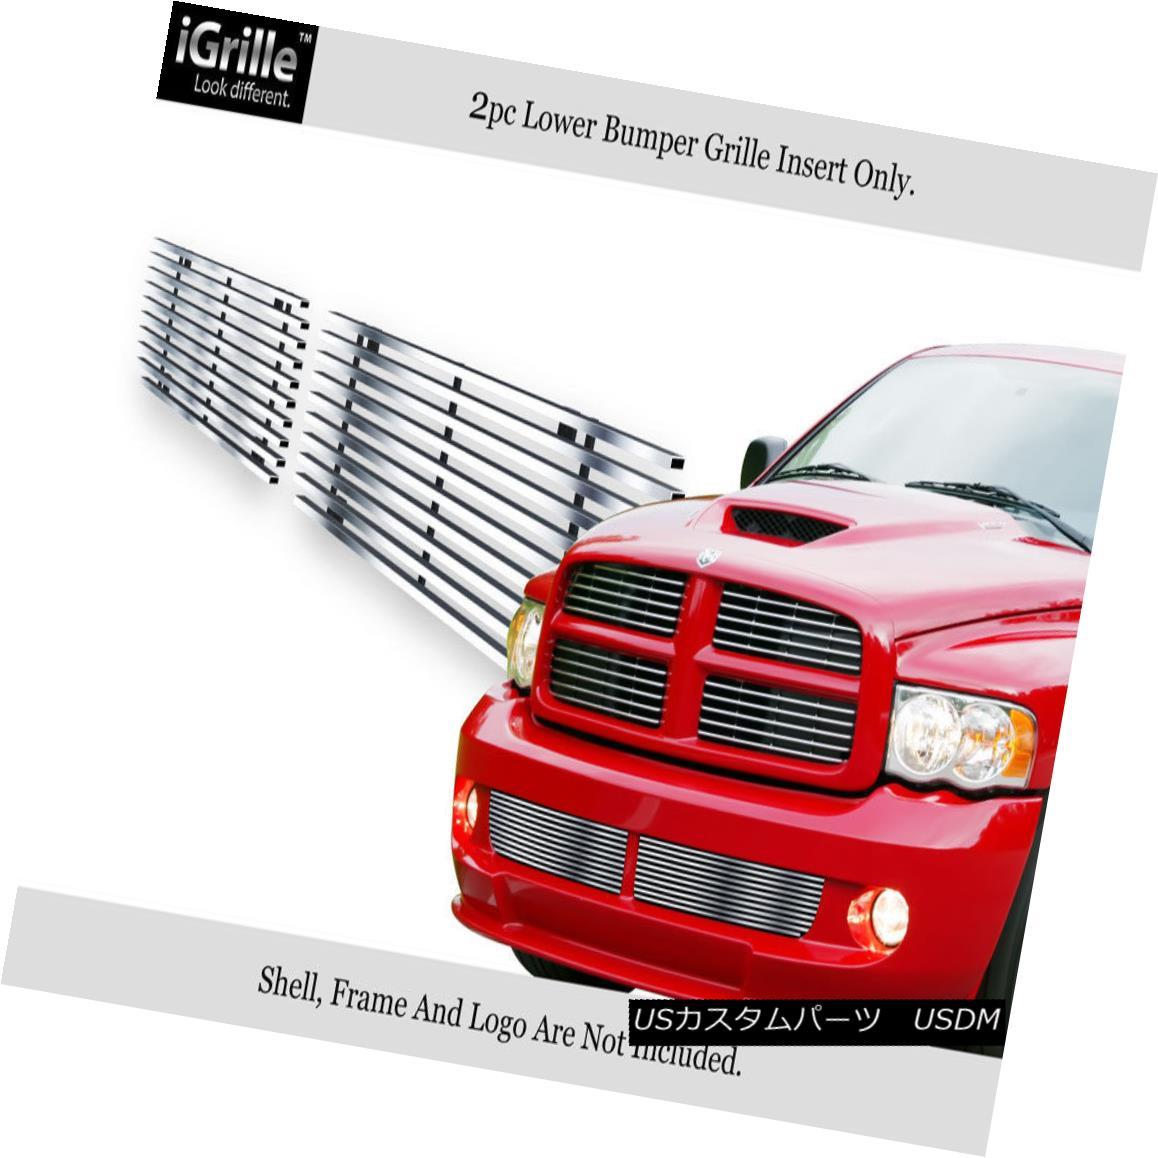 グリル Fits 2004-2006 Dodge Ram SRT 10 Bumper Stainless Steel Billet Grille Insert 2004-2006 Dodge Ram SRT 10バンパーステンレススチールビレットグリルインサート